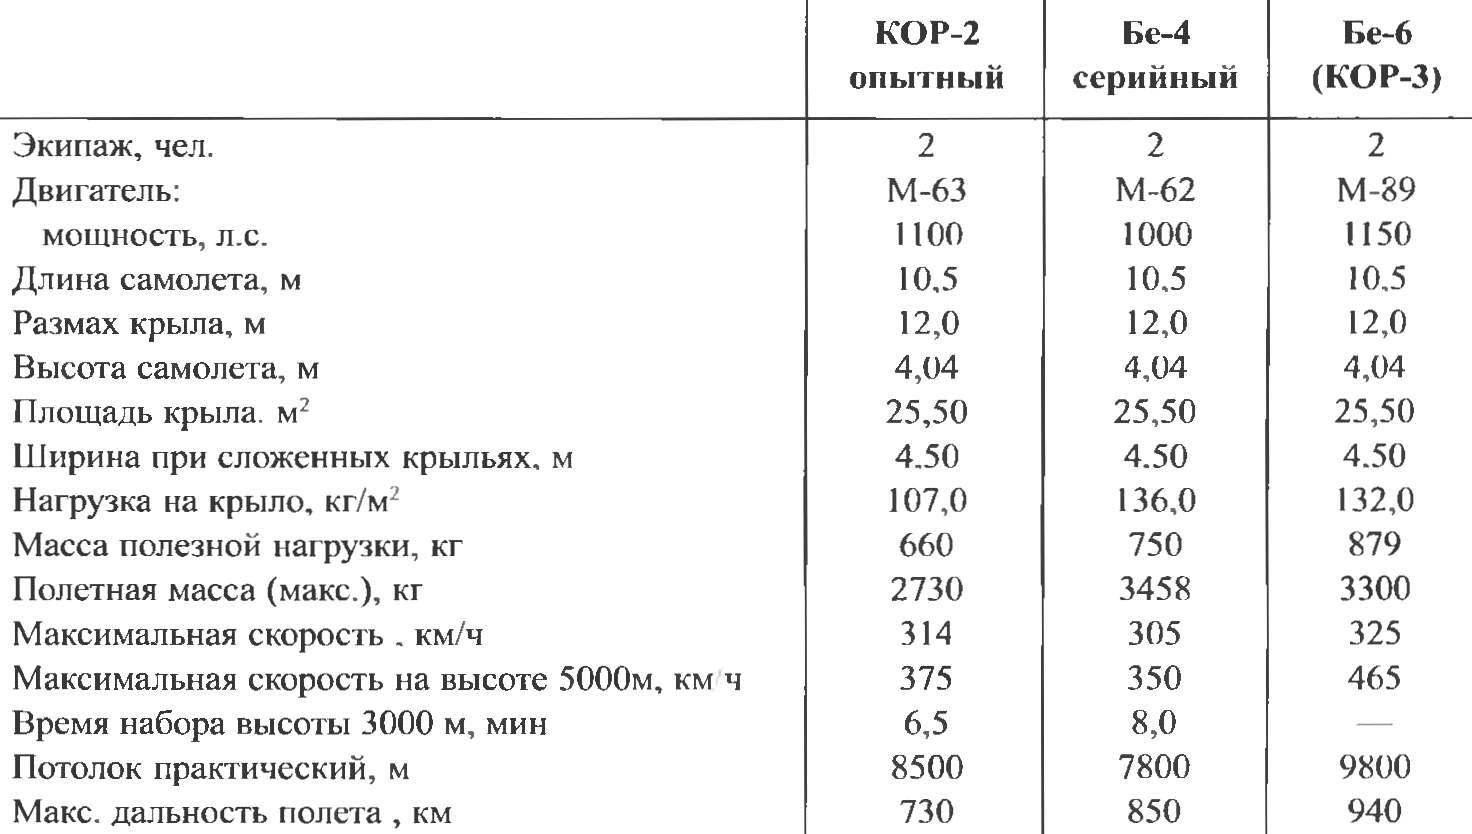 Летно-технические характеристики самолетов семейства КОР-2